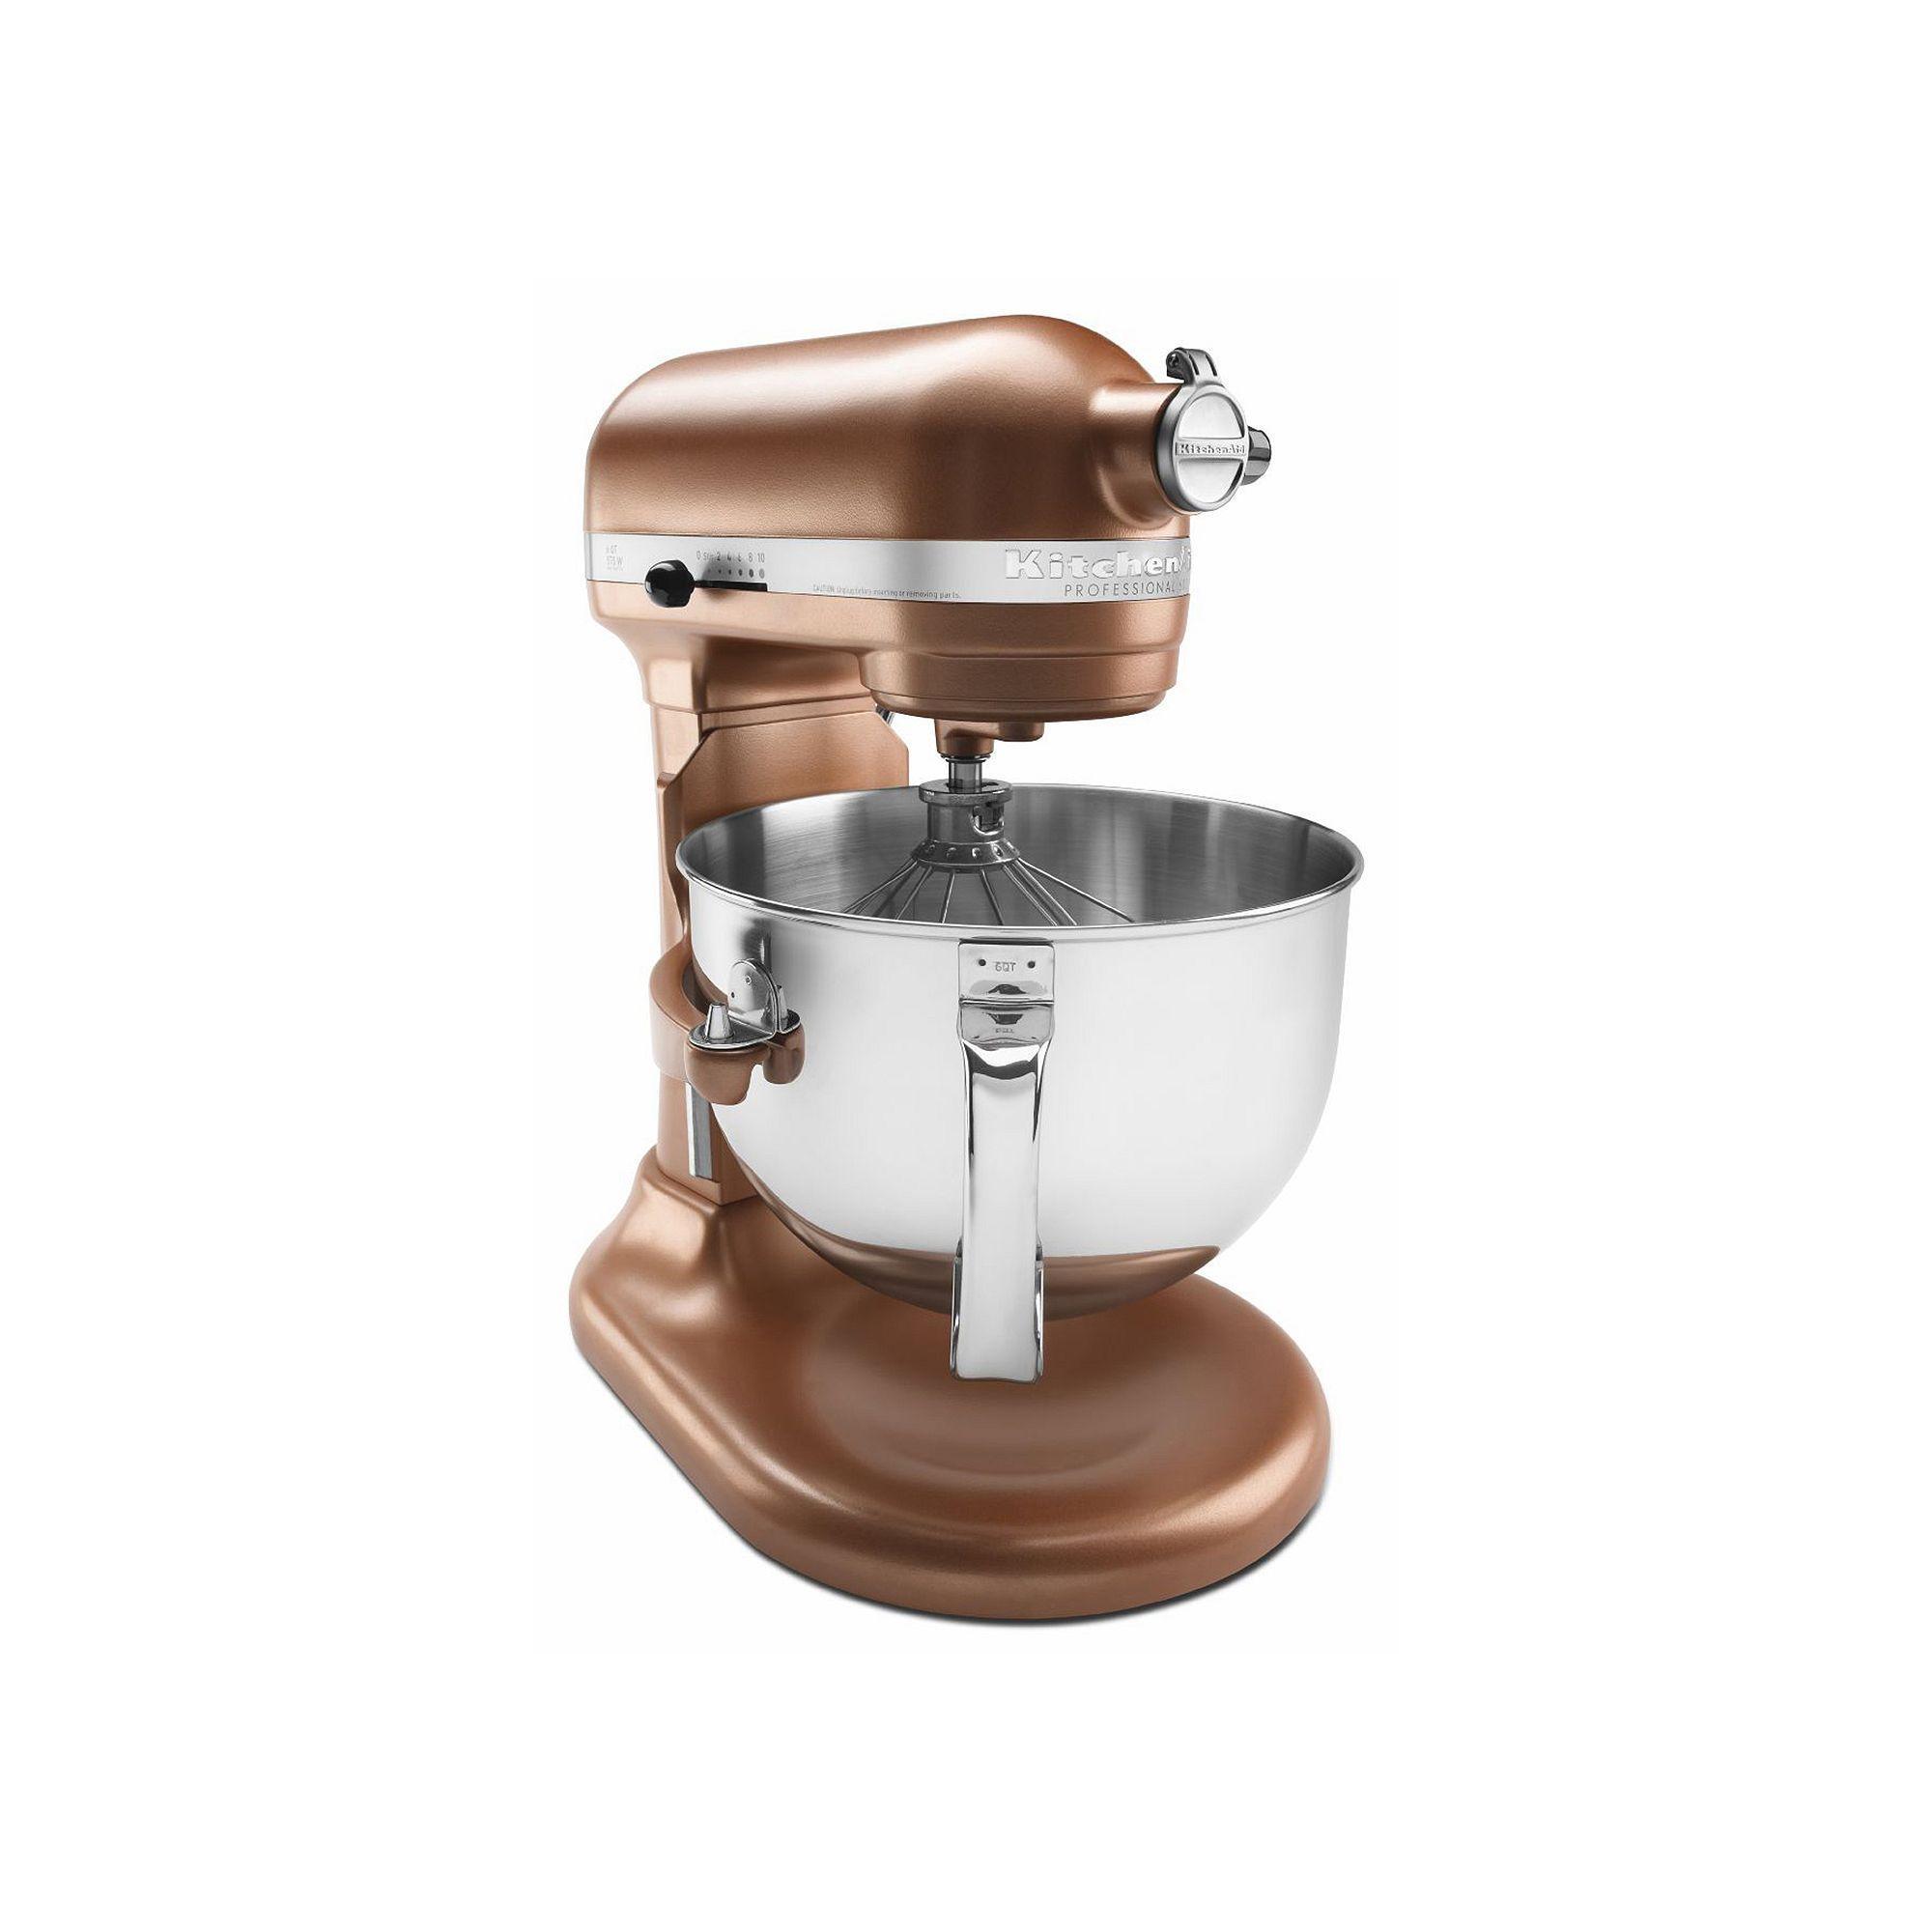 Kitchenaid Kp26m1x Pro 600 Series 6 Qt Bowl Lift Stand Mixer